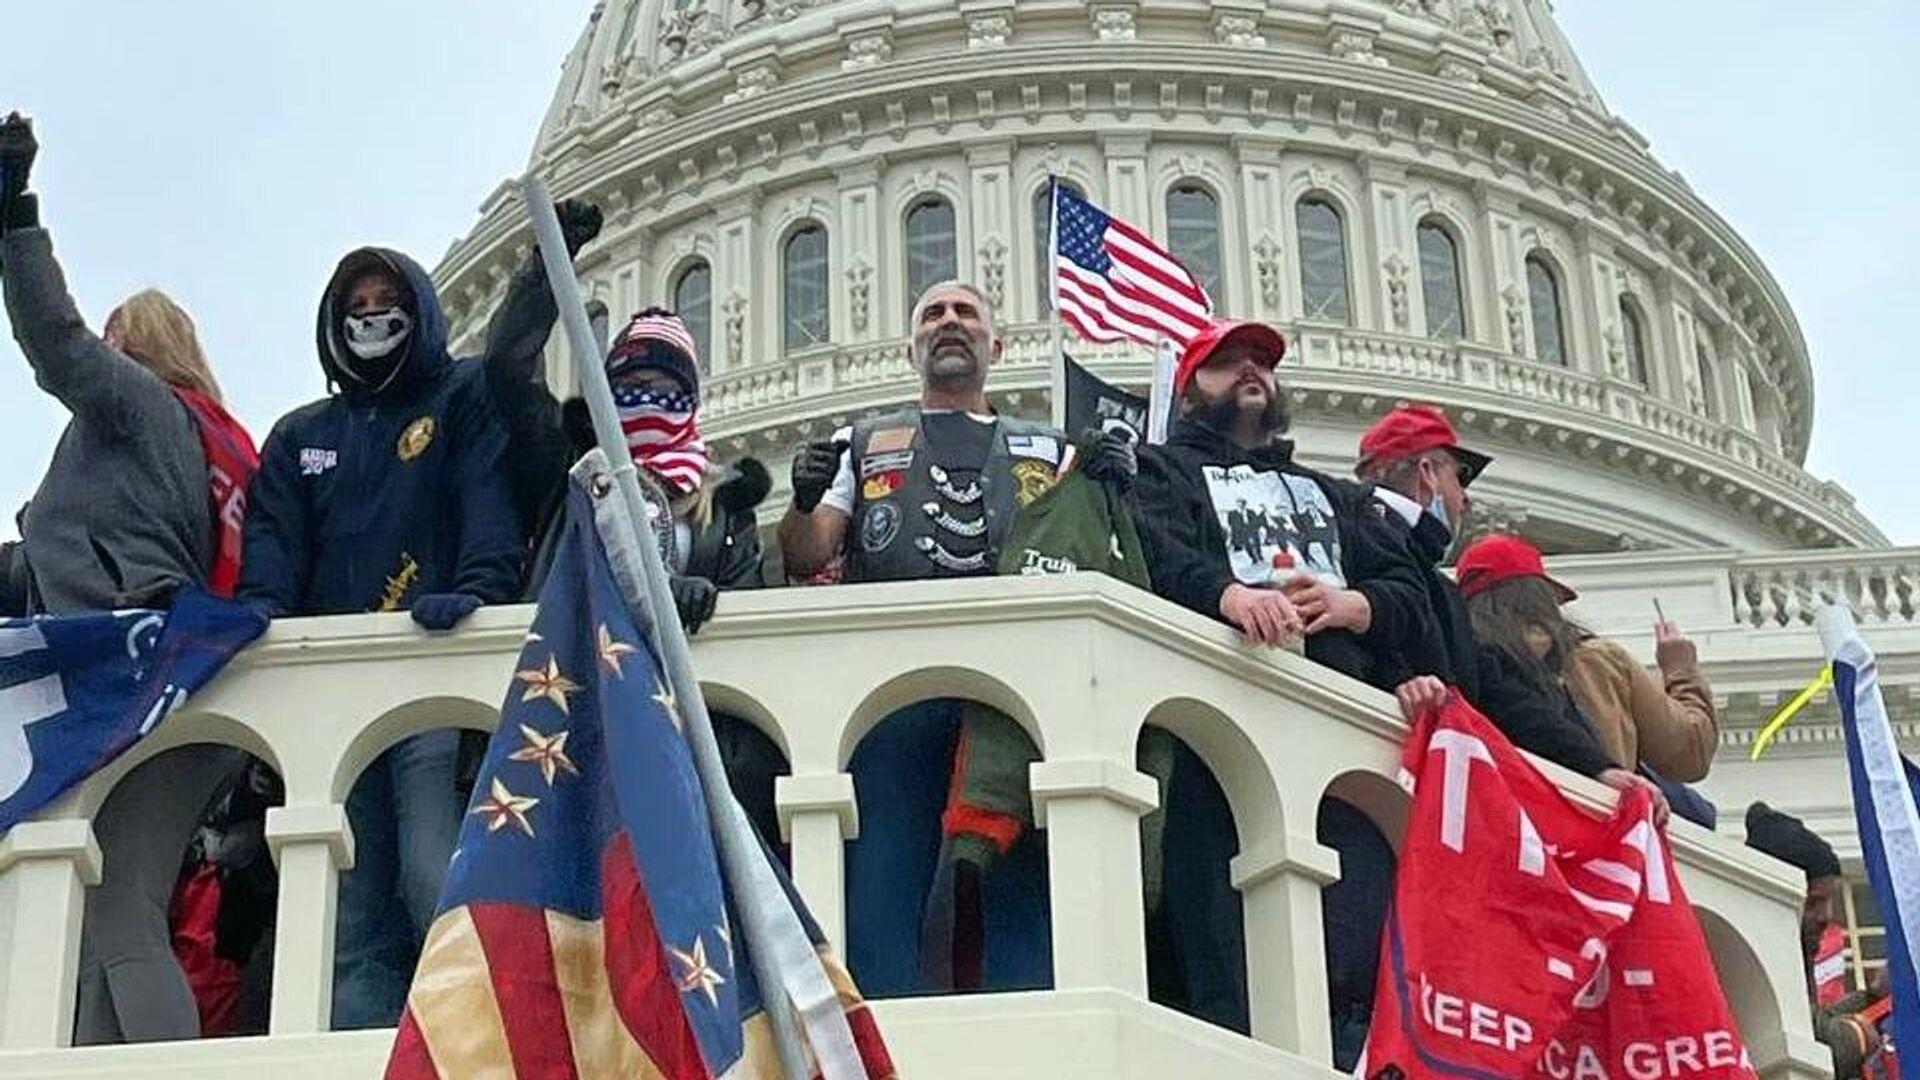 Участники акции протеста сторонников действующего президента США Дональда Трампа у здания конгресса в Вашингтоне - РИА Новости, 1920, 11.01.2021